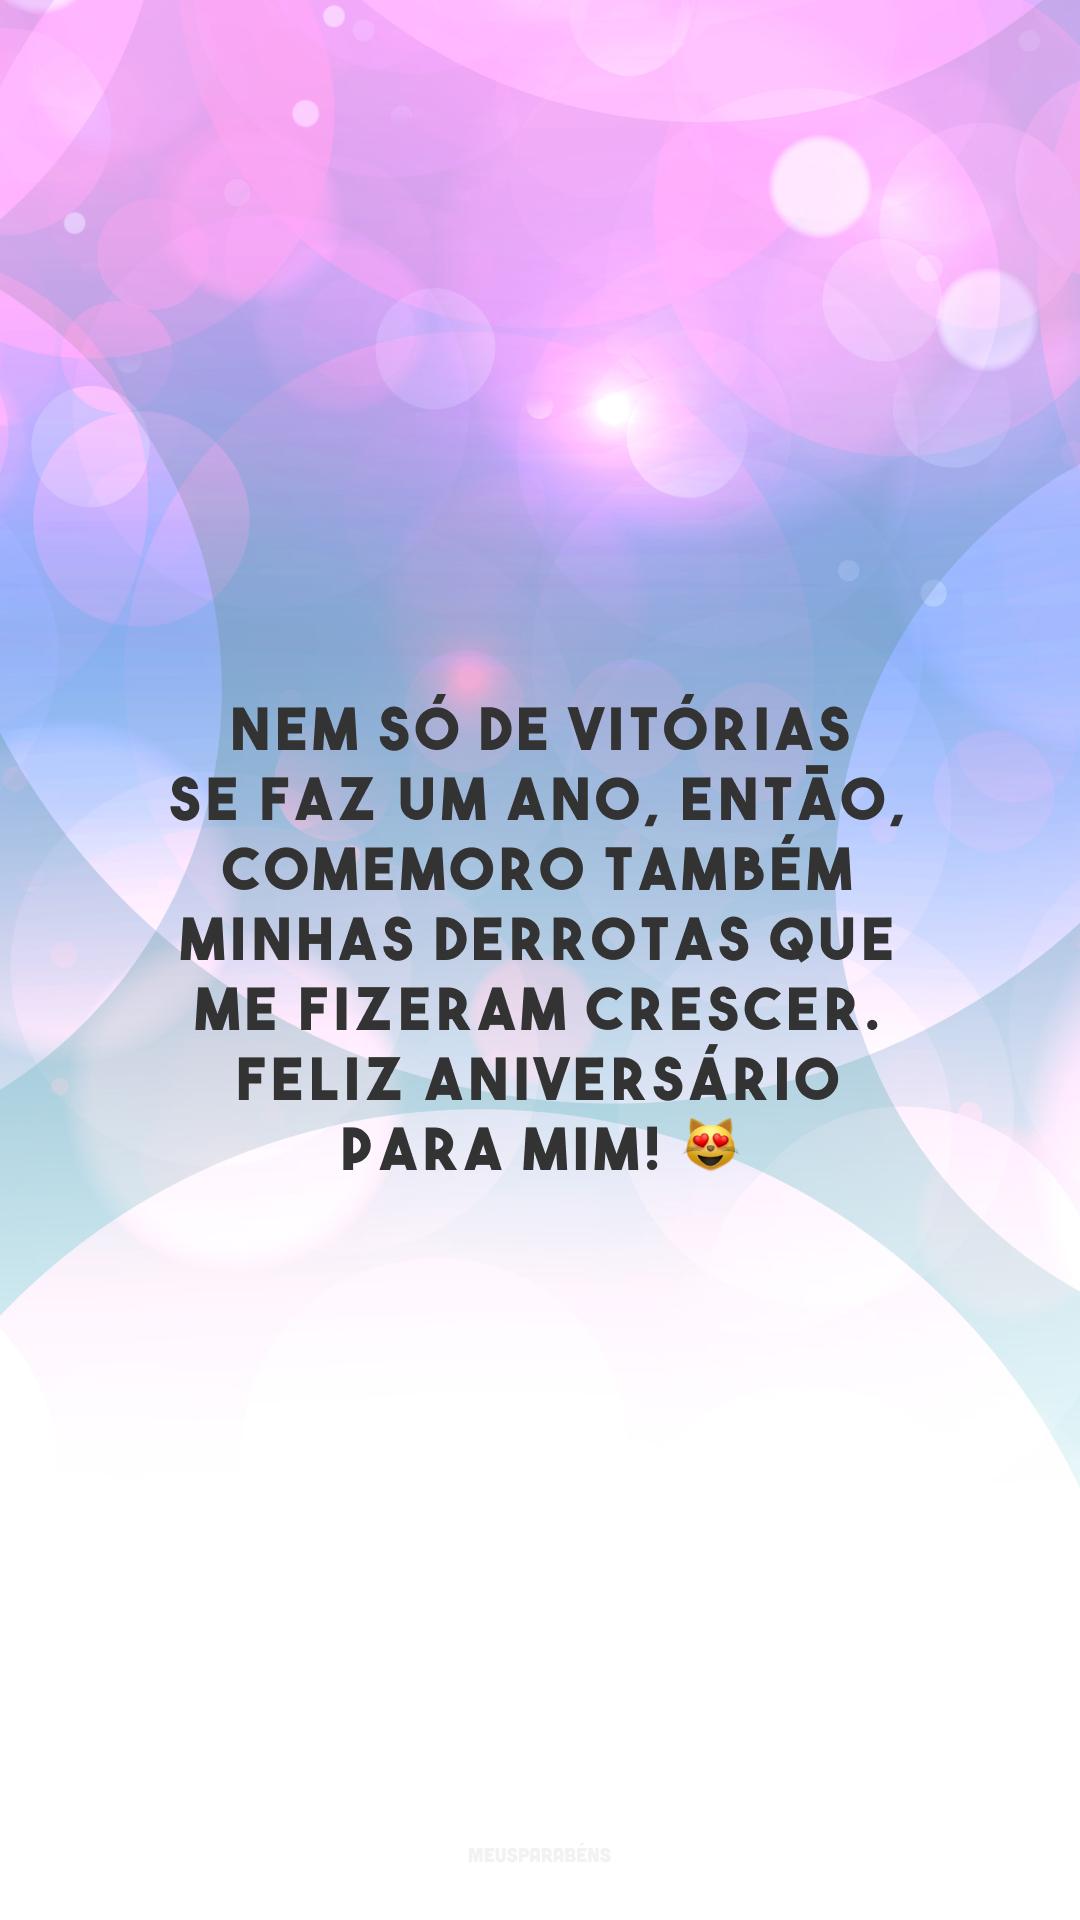 Nem só de vitórias se faz um ano, então, comemoro também minhas derrotas que me fizeram crescer. Feliz aniversário para mim! 😻